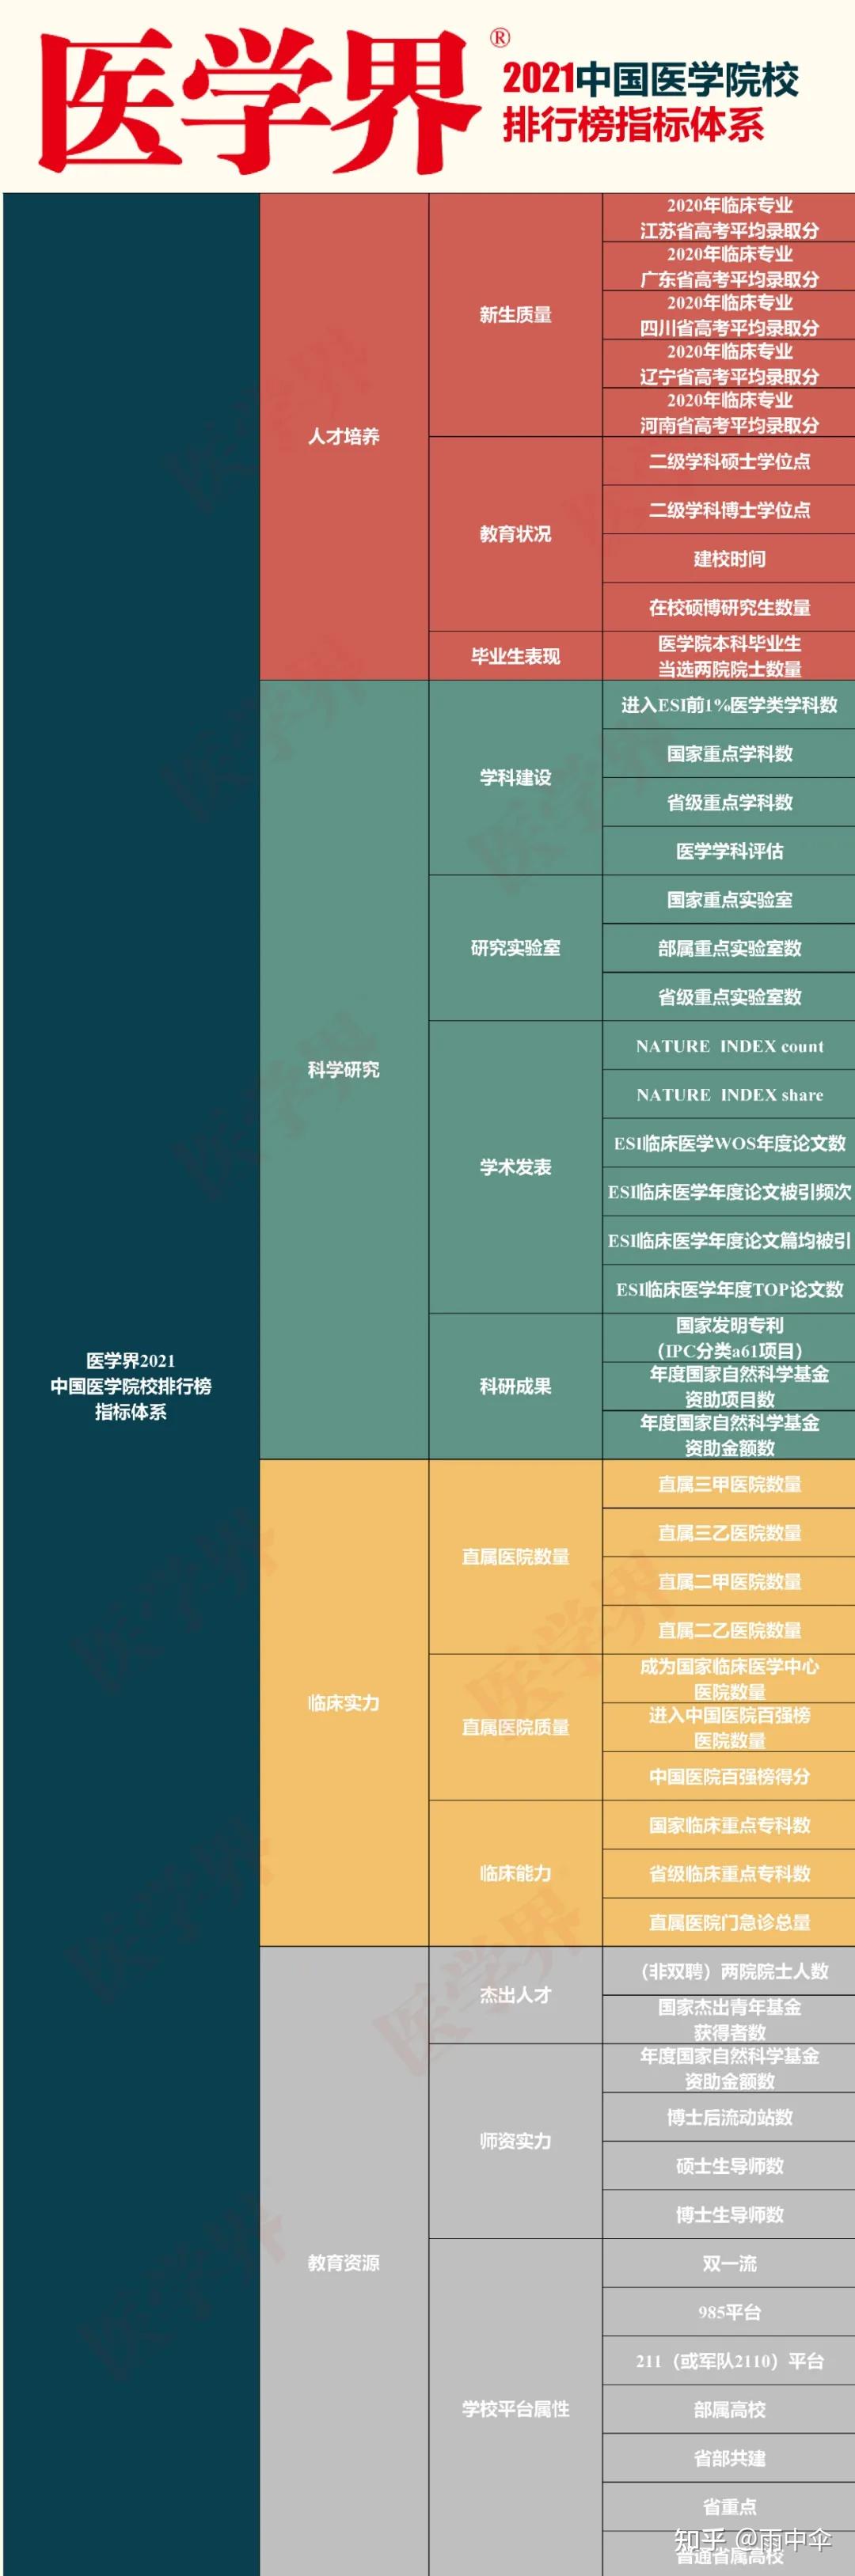 2021最新中國高校醫學院實力排名